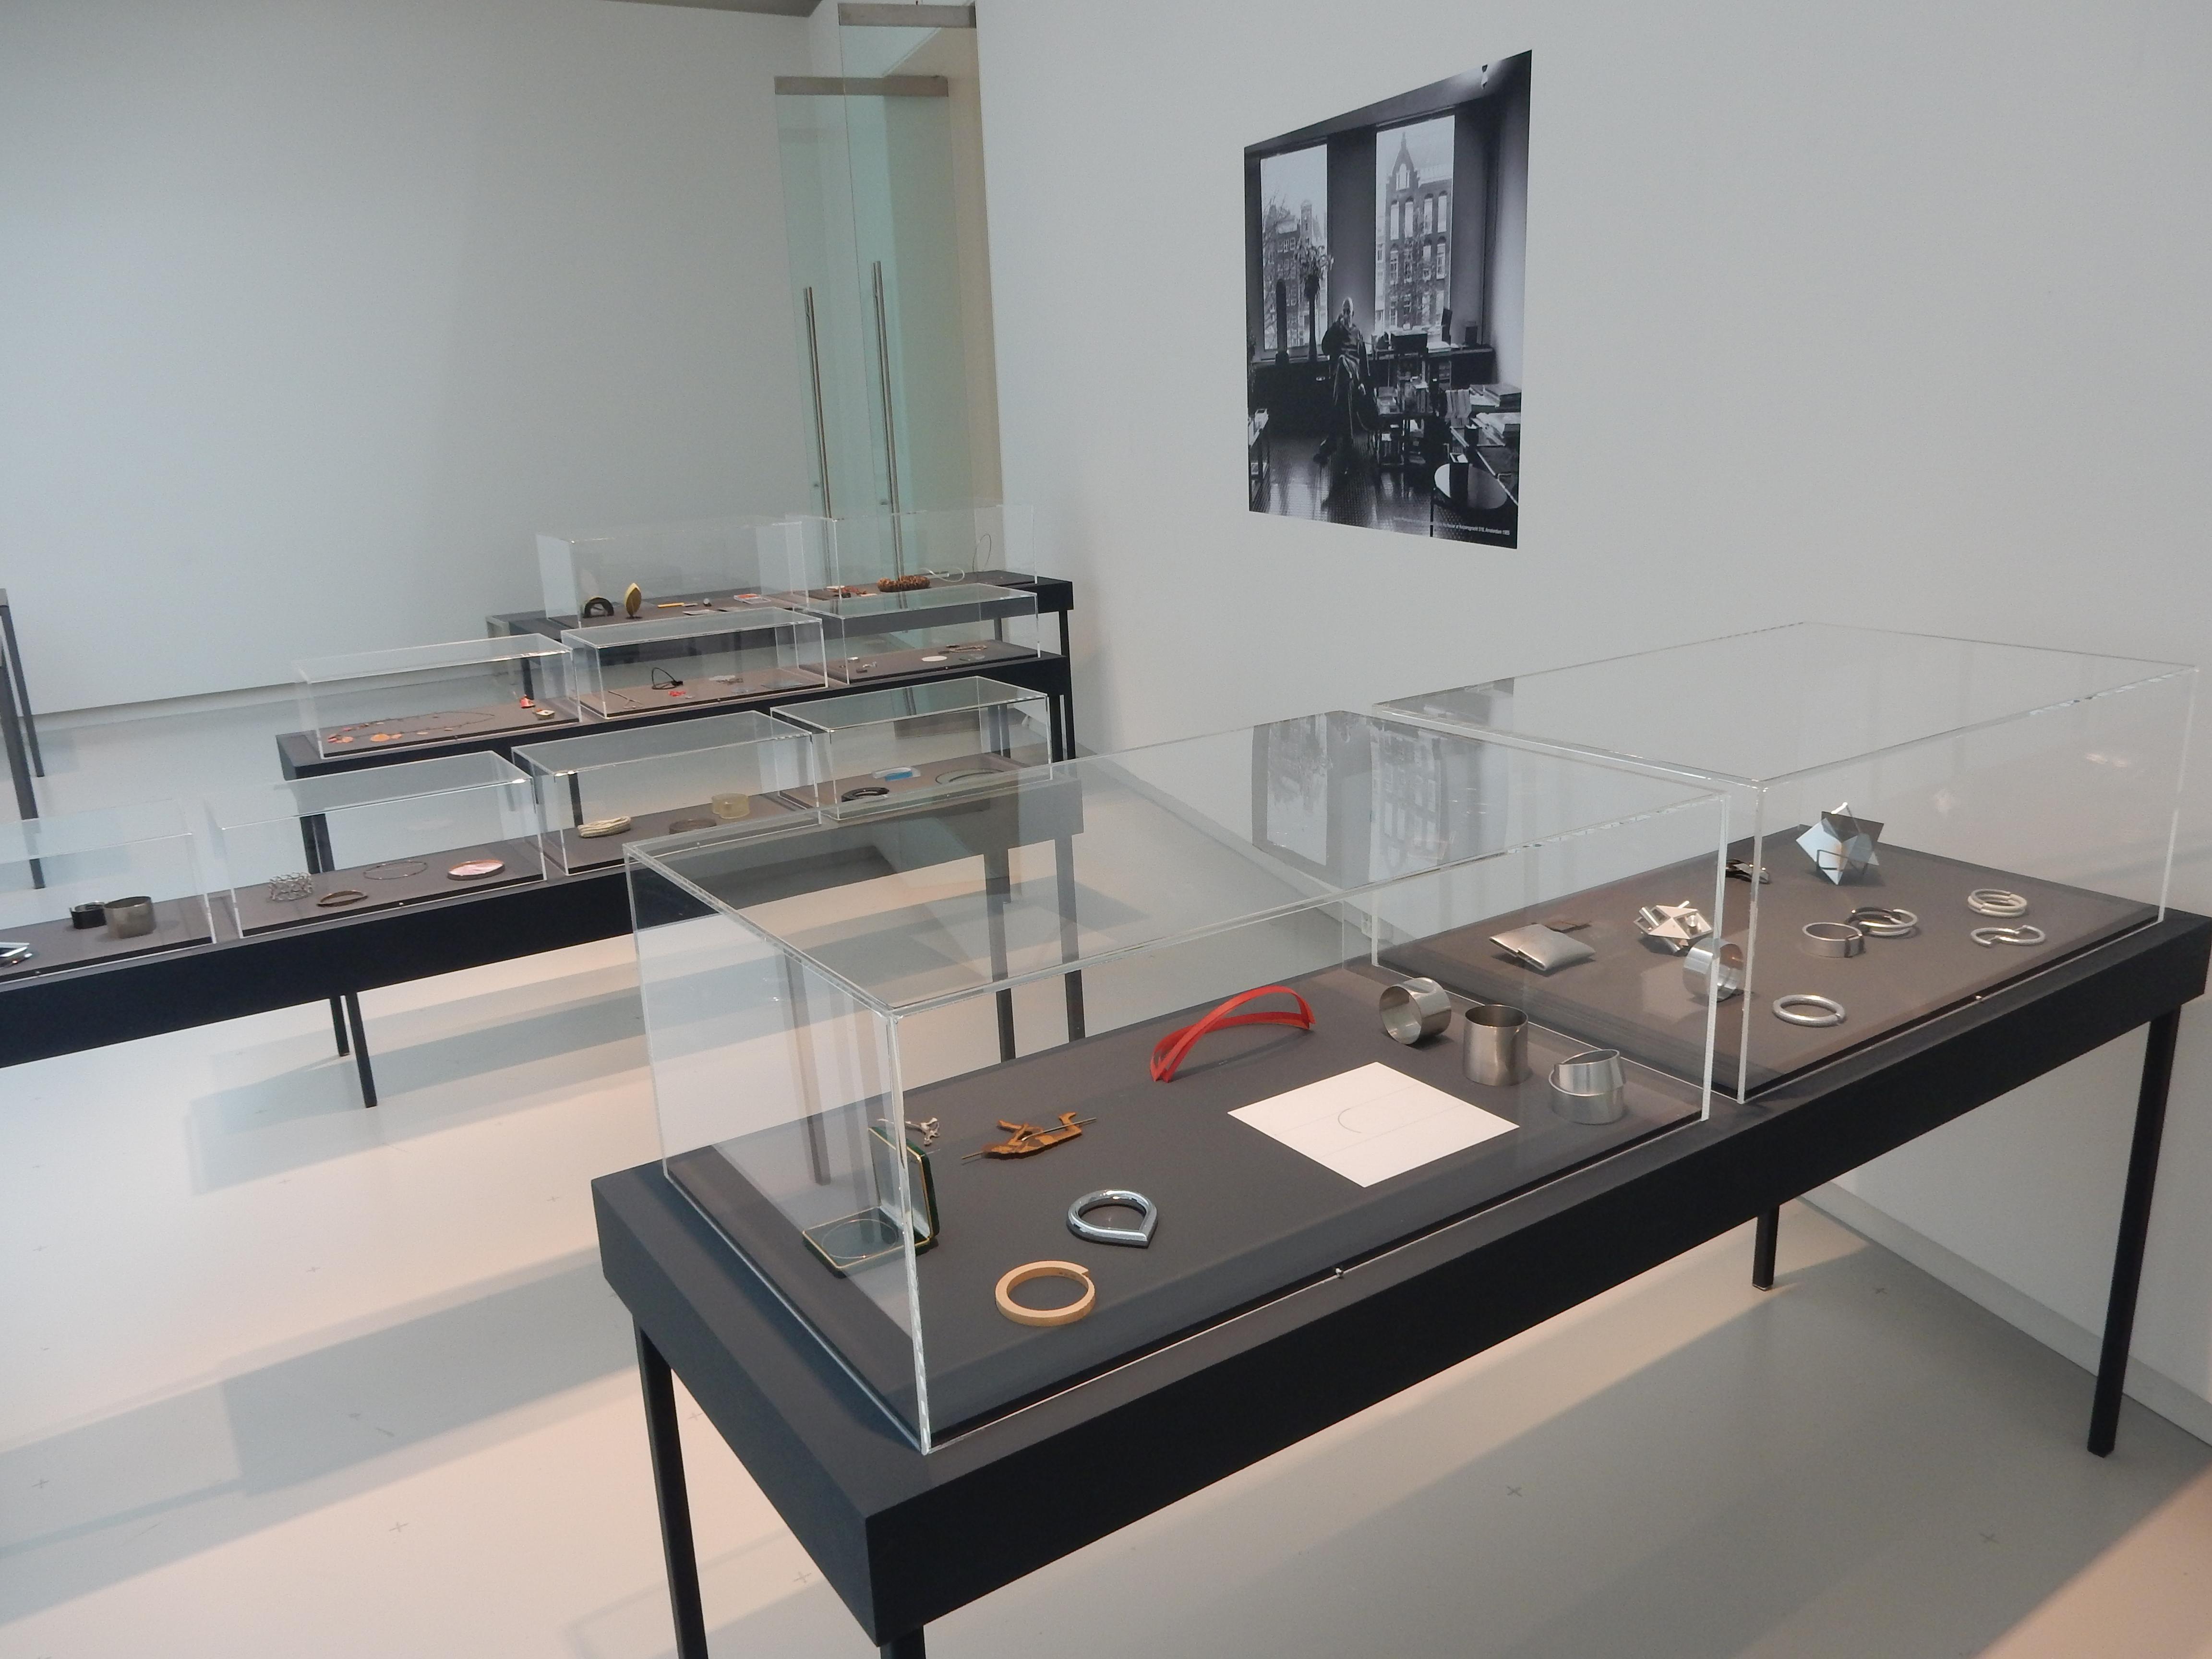 Show Yourself, Design Museum Den Bosch, 2018. Collectie Benno Premsela. Foto Esther Doornbusch, 28 augustus 2018, CC BY 4.0